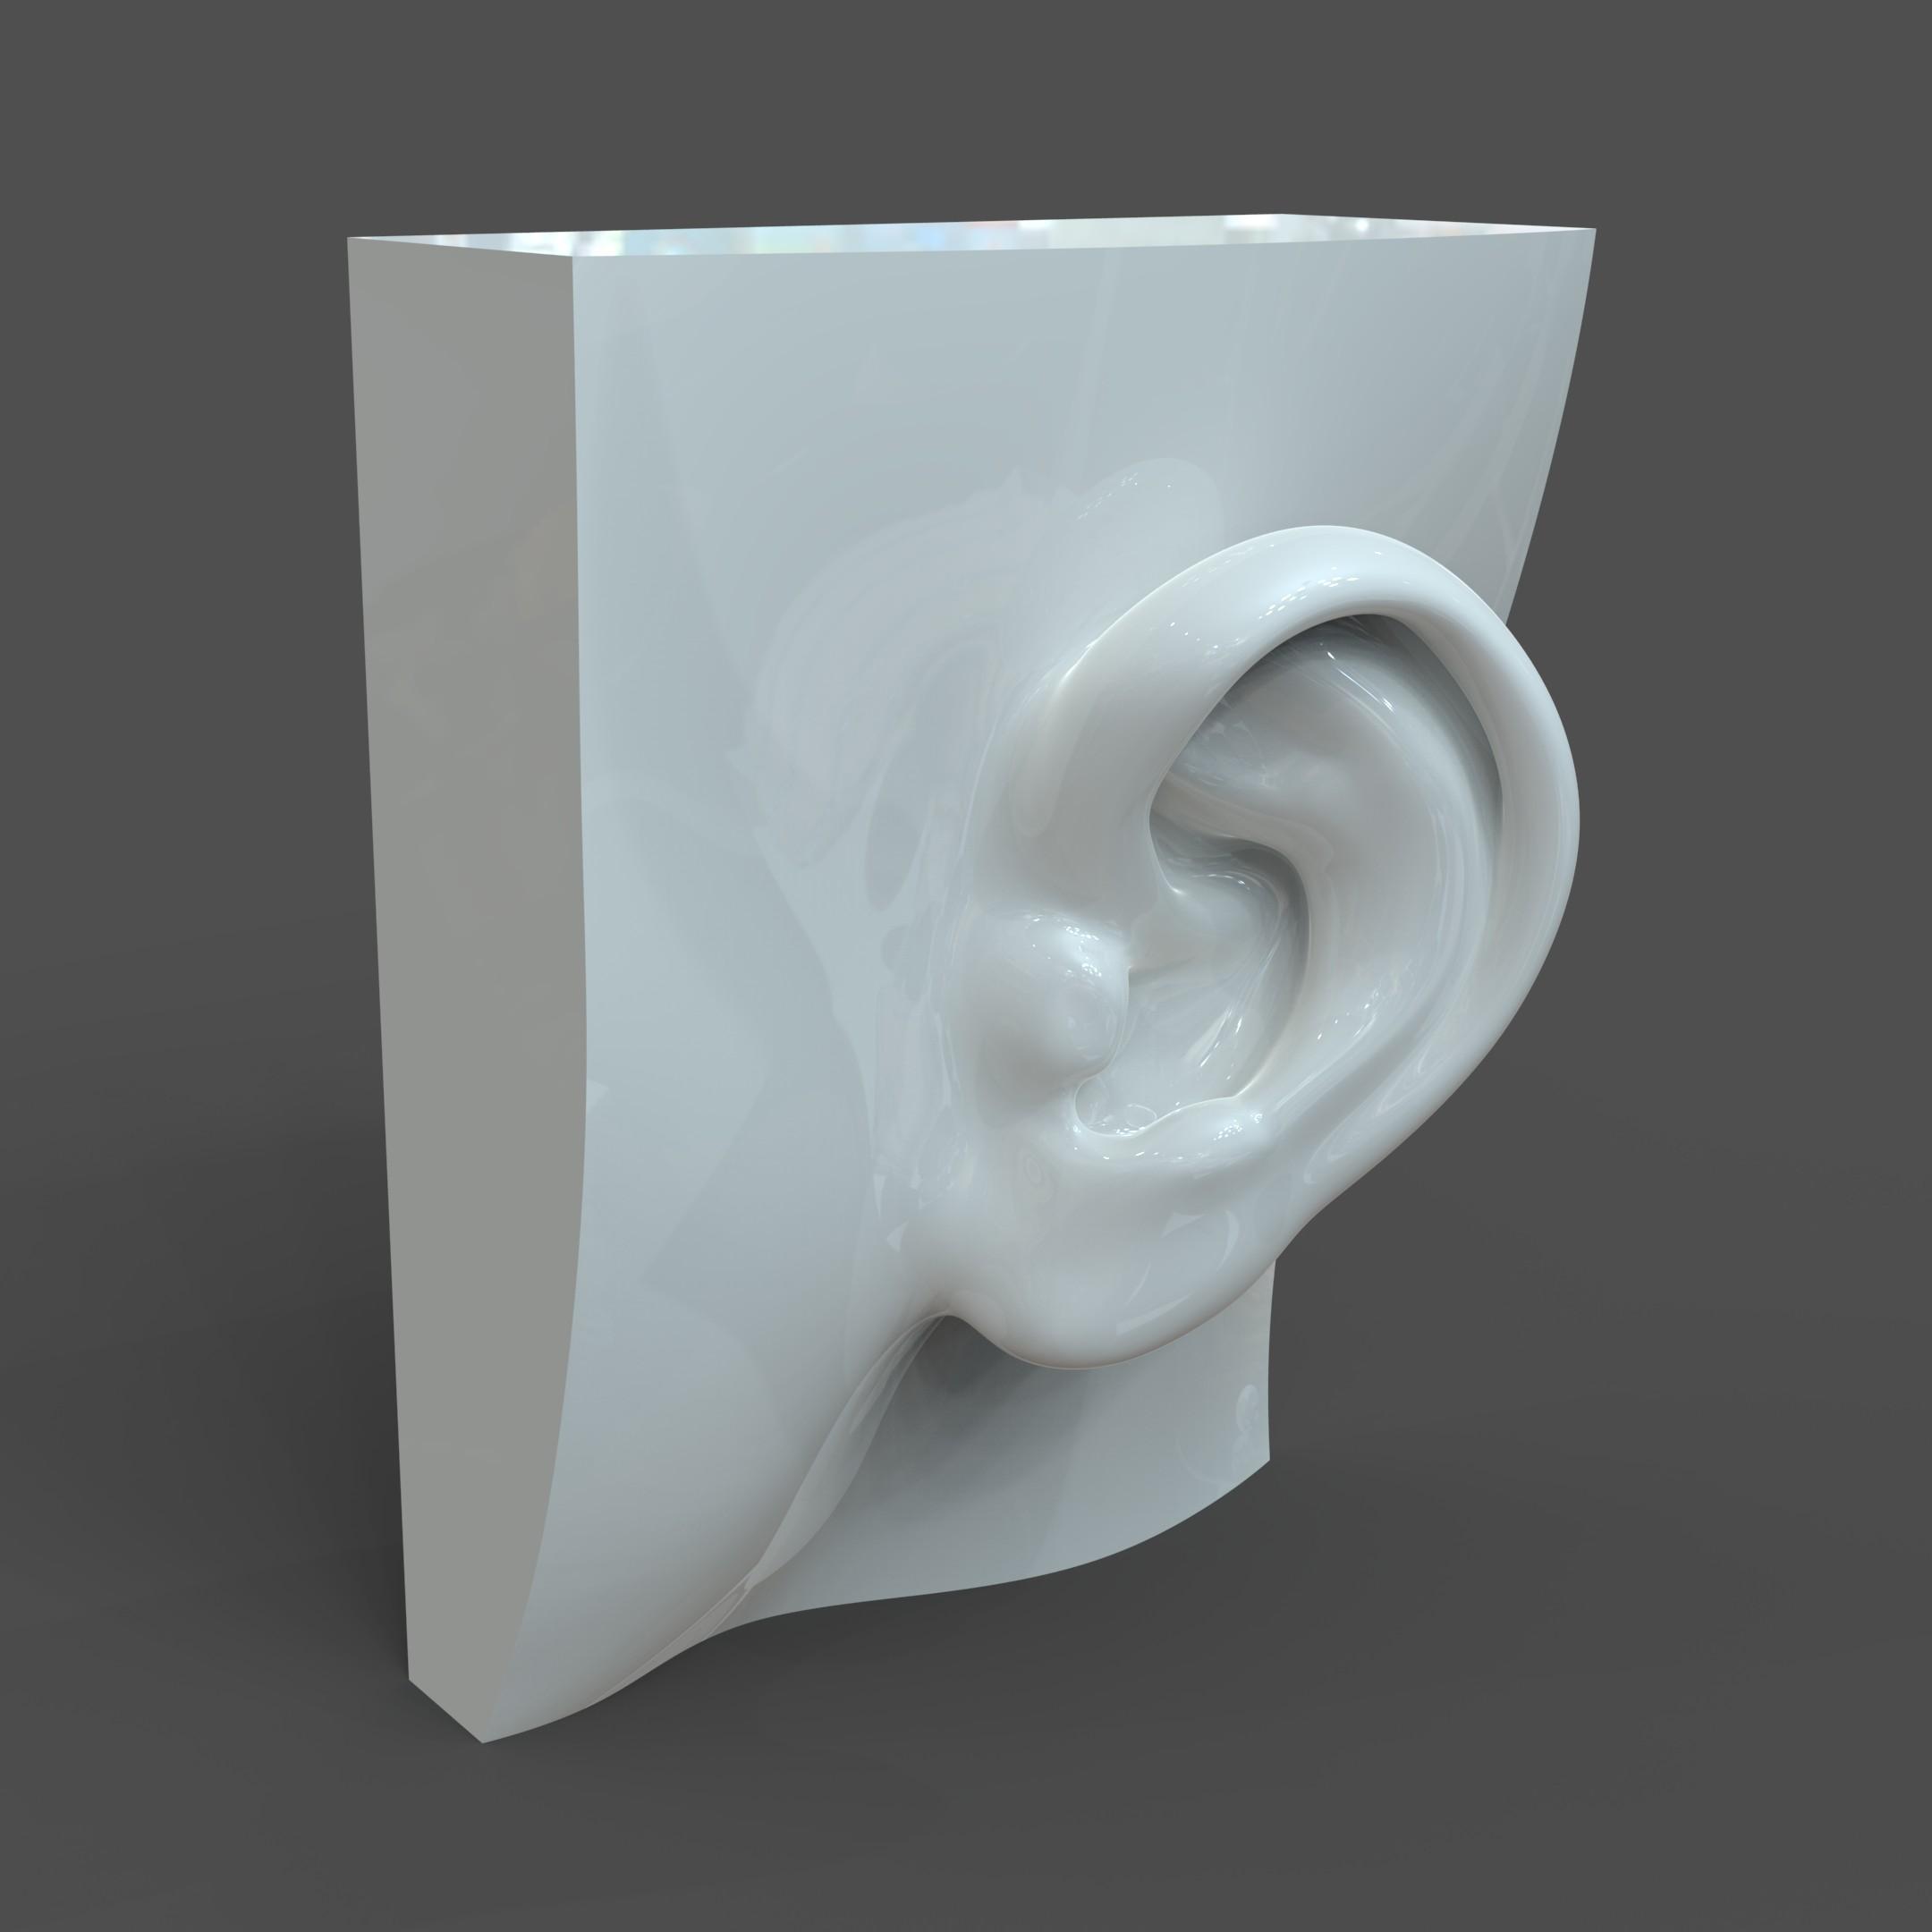 CAD-friendly Casual Woman Ear Model F1P1D0V1ear 3d model dwg ige igs iges   obj 277843